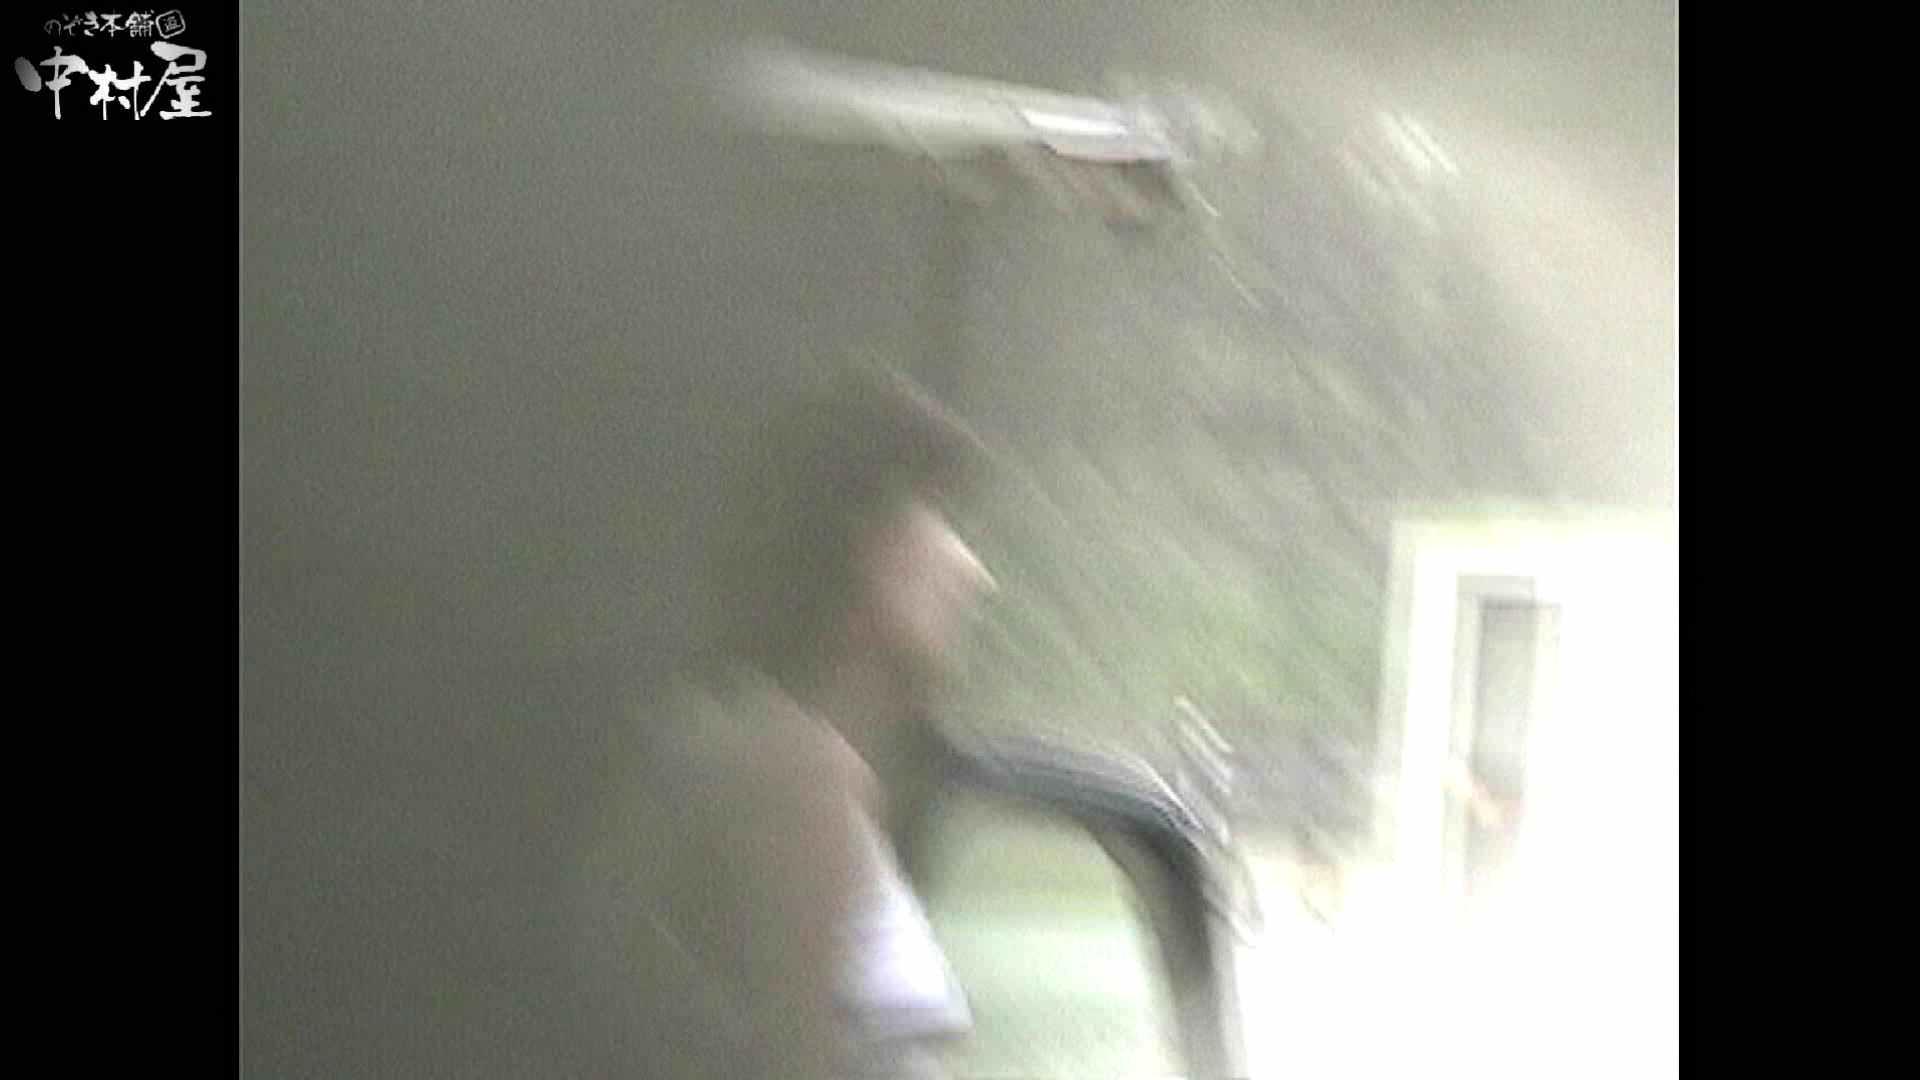 No.16 アニマル柄の水着 レースのパンツにナプキンを装着する金髪お姉さん 0  72連発 8